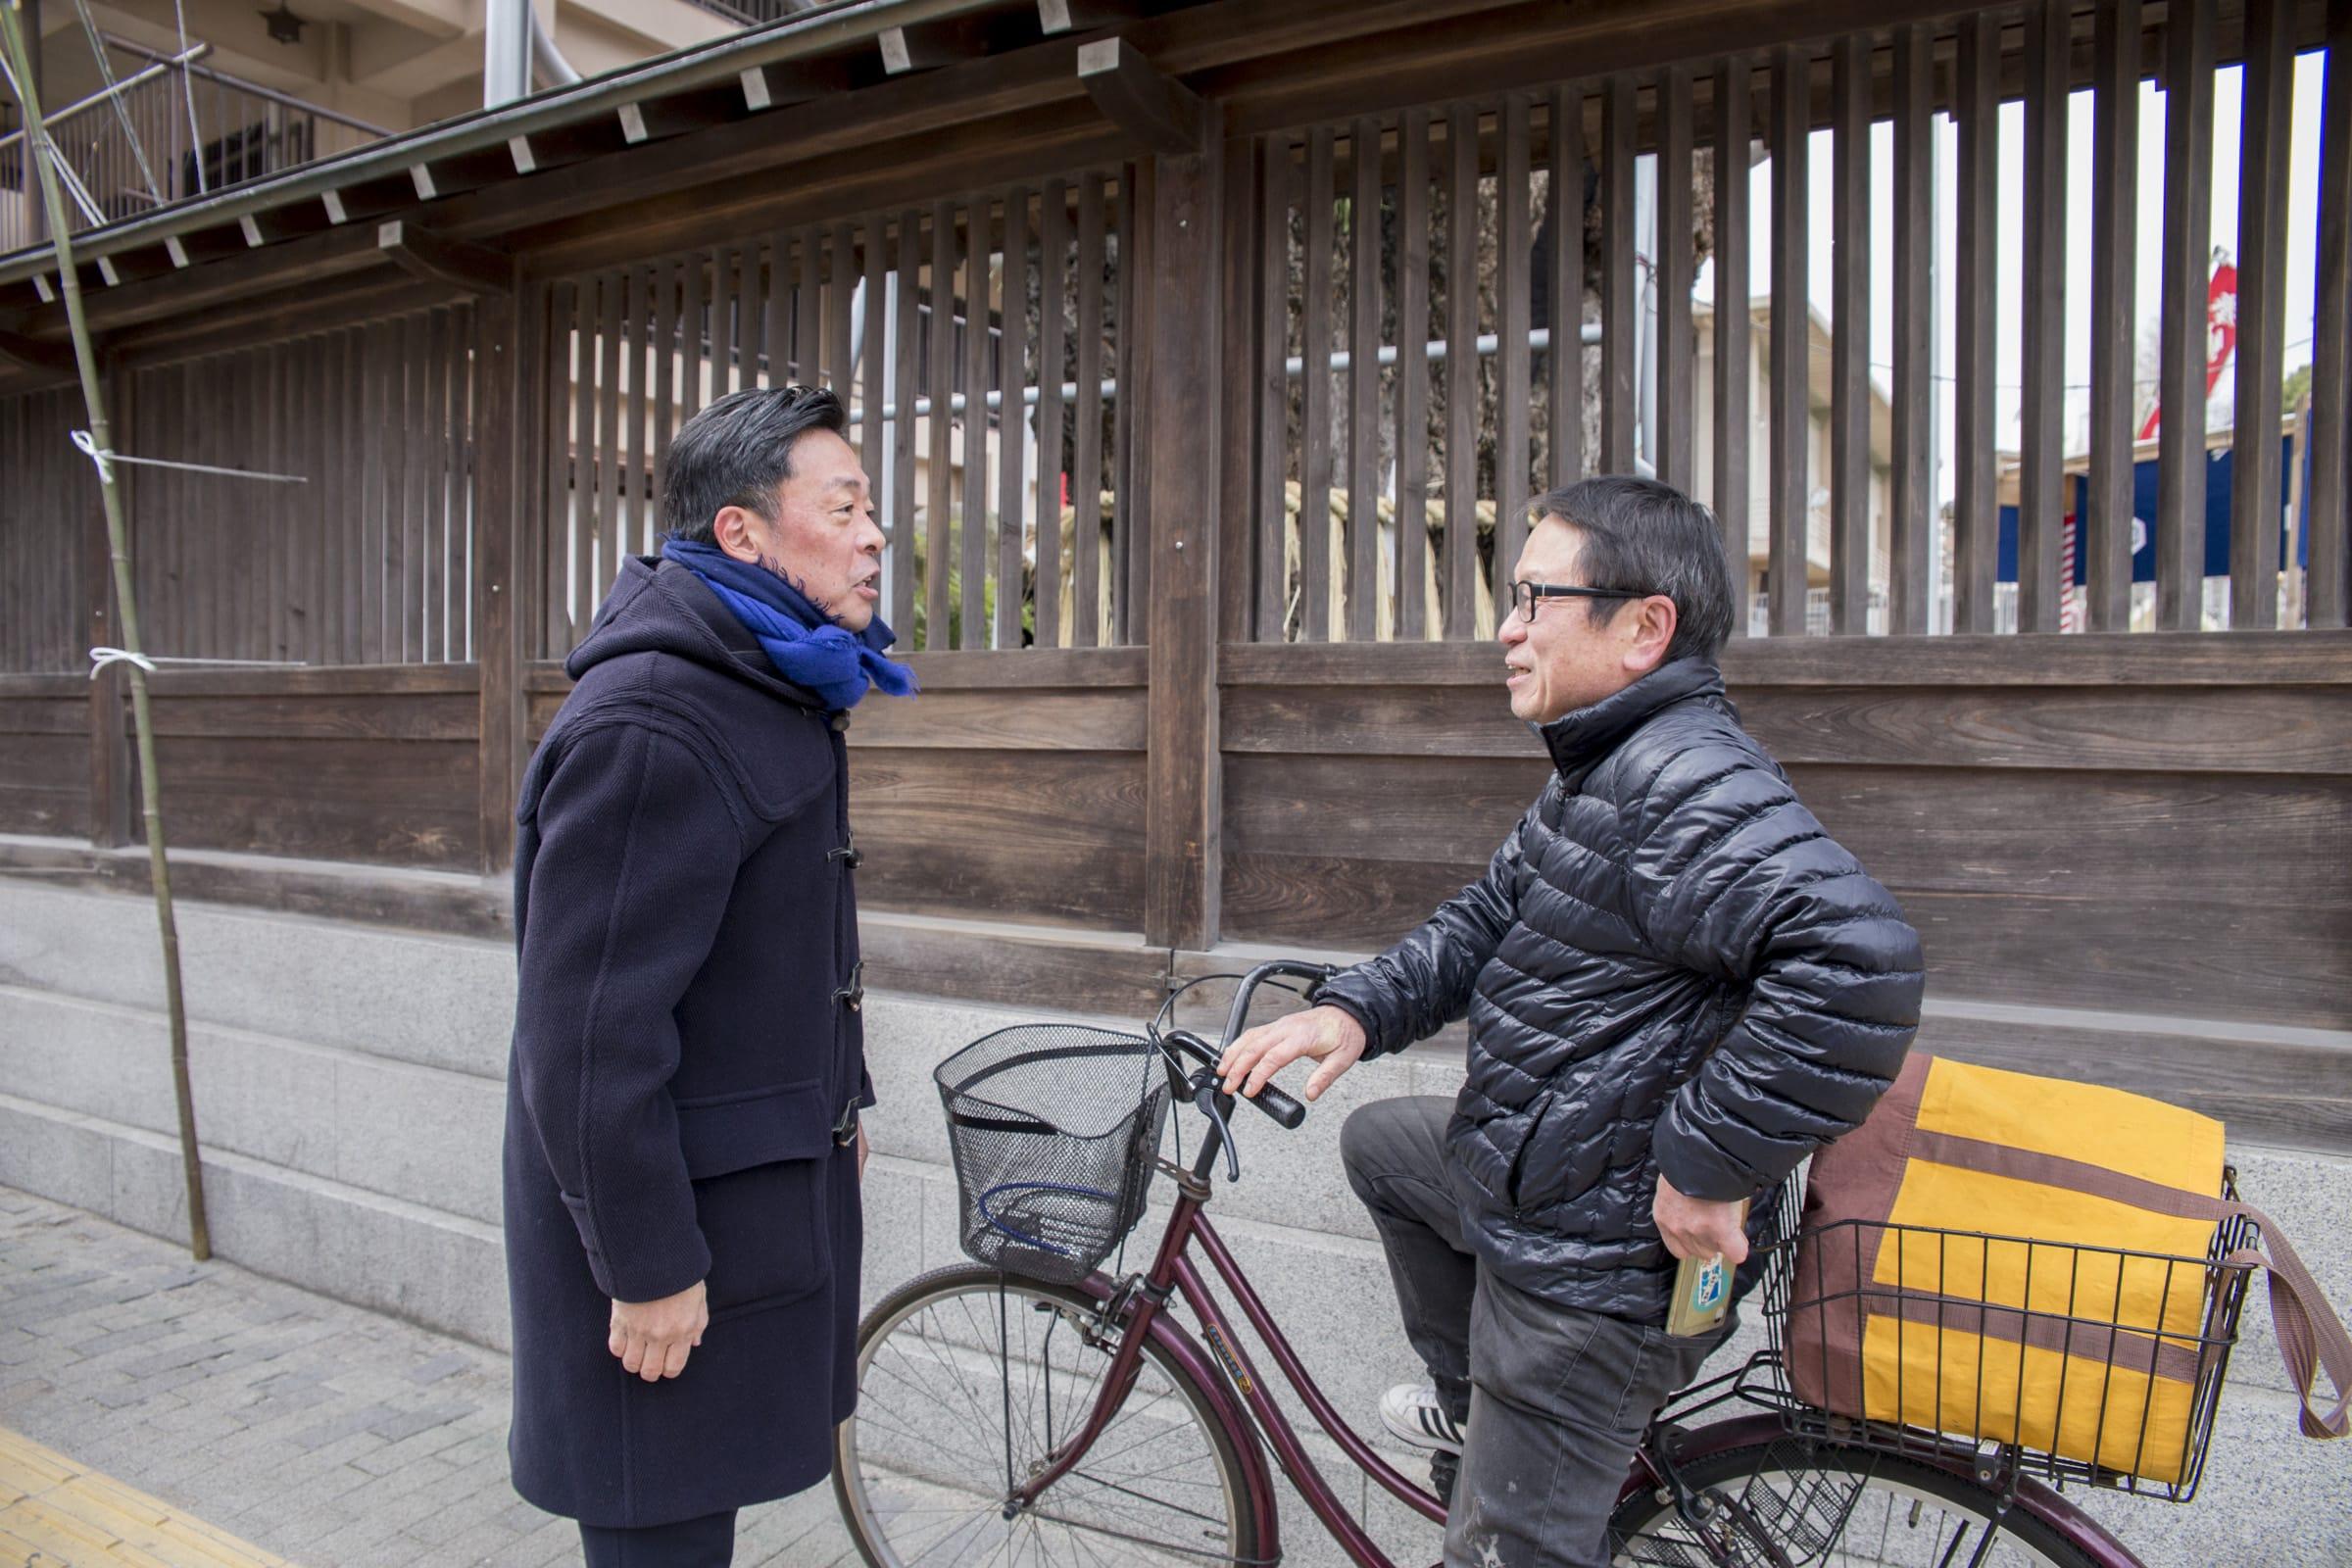 「お〜! 郷六平!」。自転車で通りがかった地元の方に、『博多っ子純情』の役名で声を掛けられる光石さん。